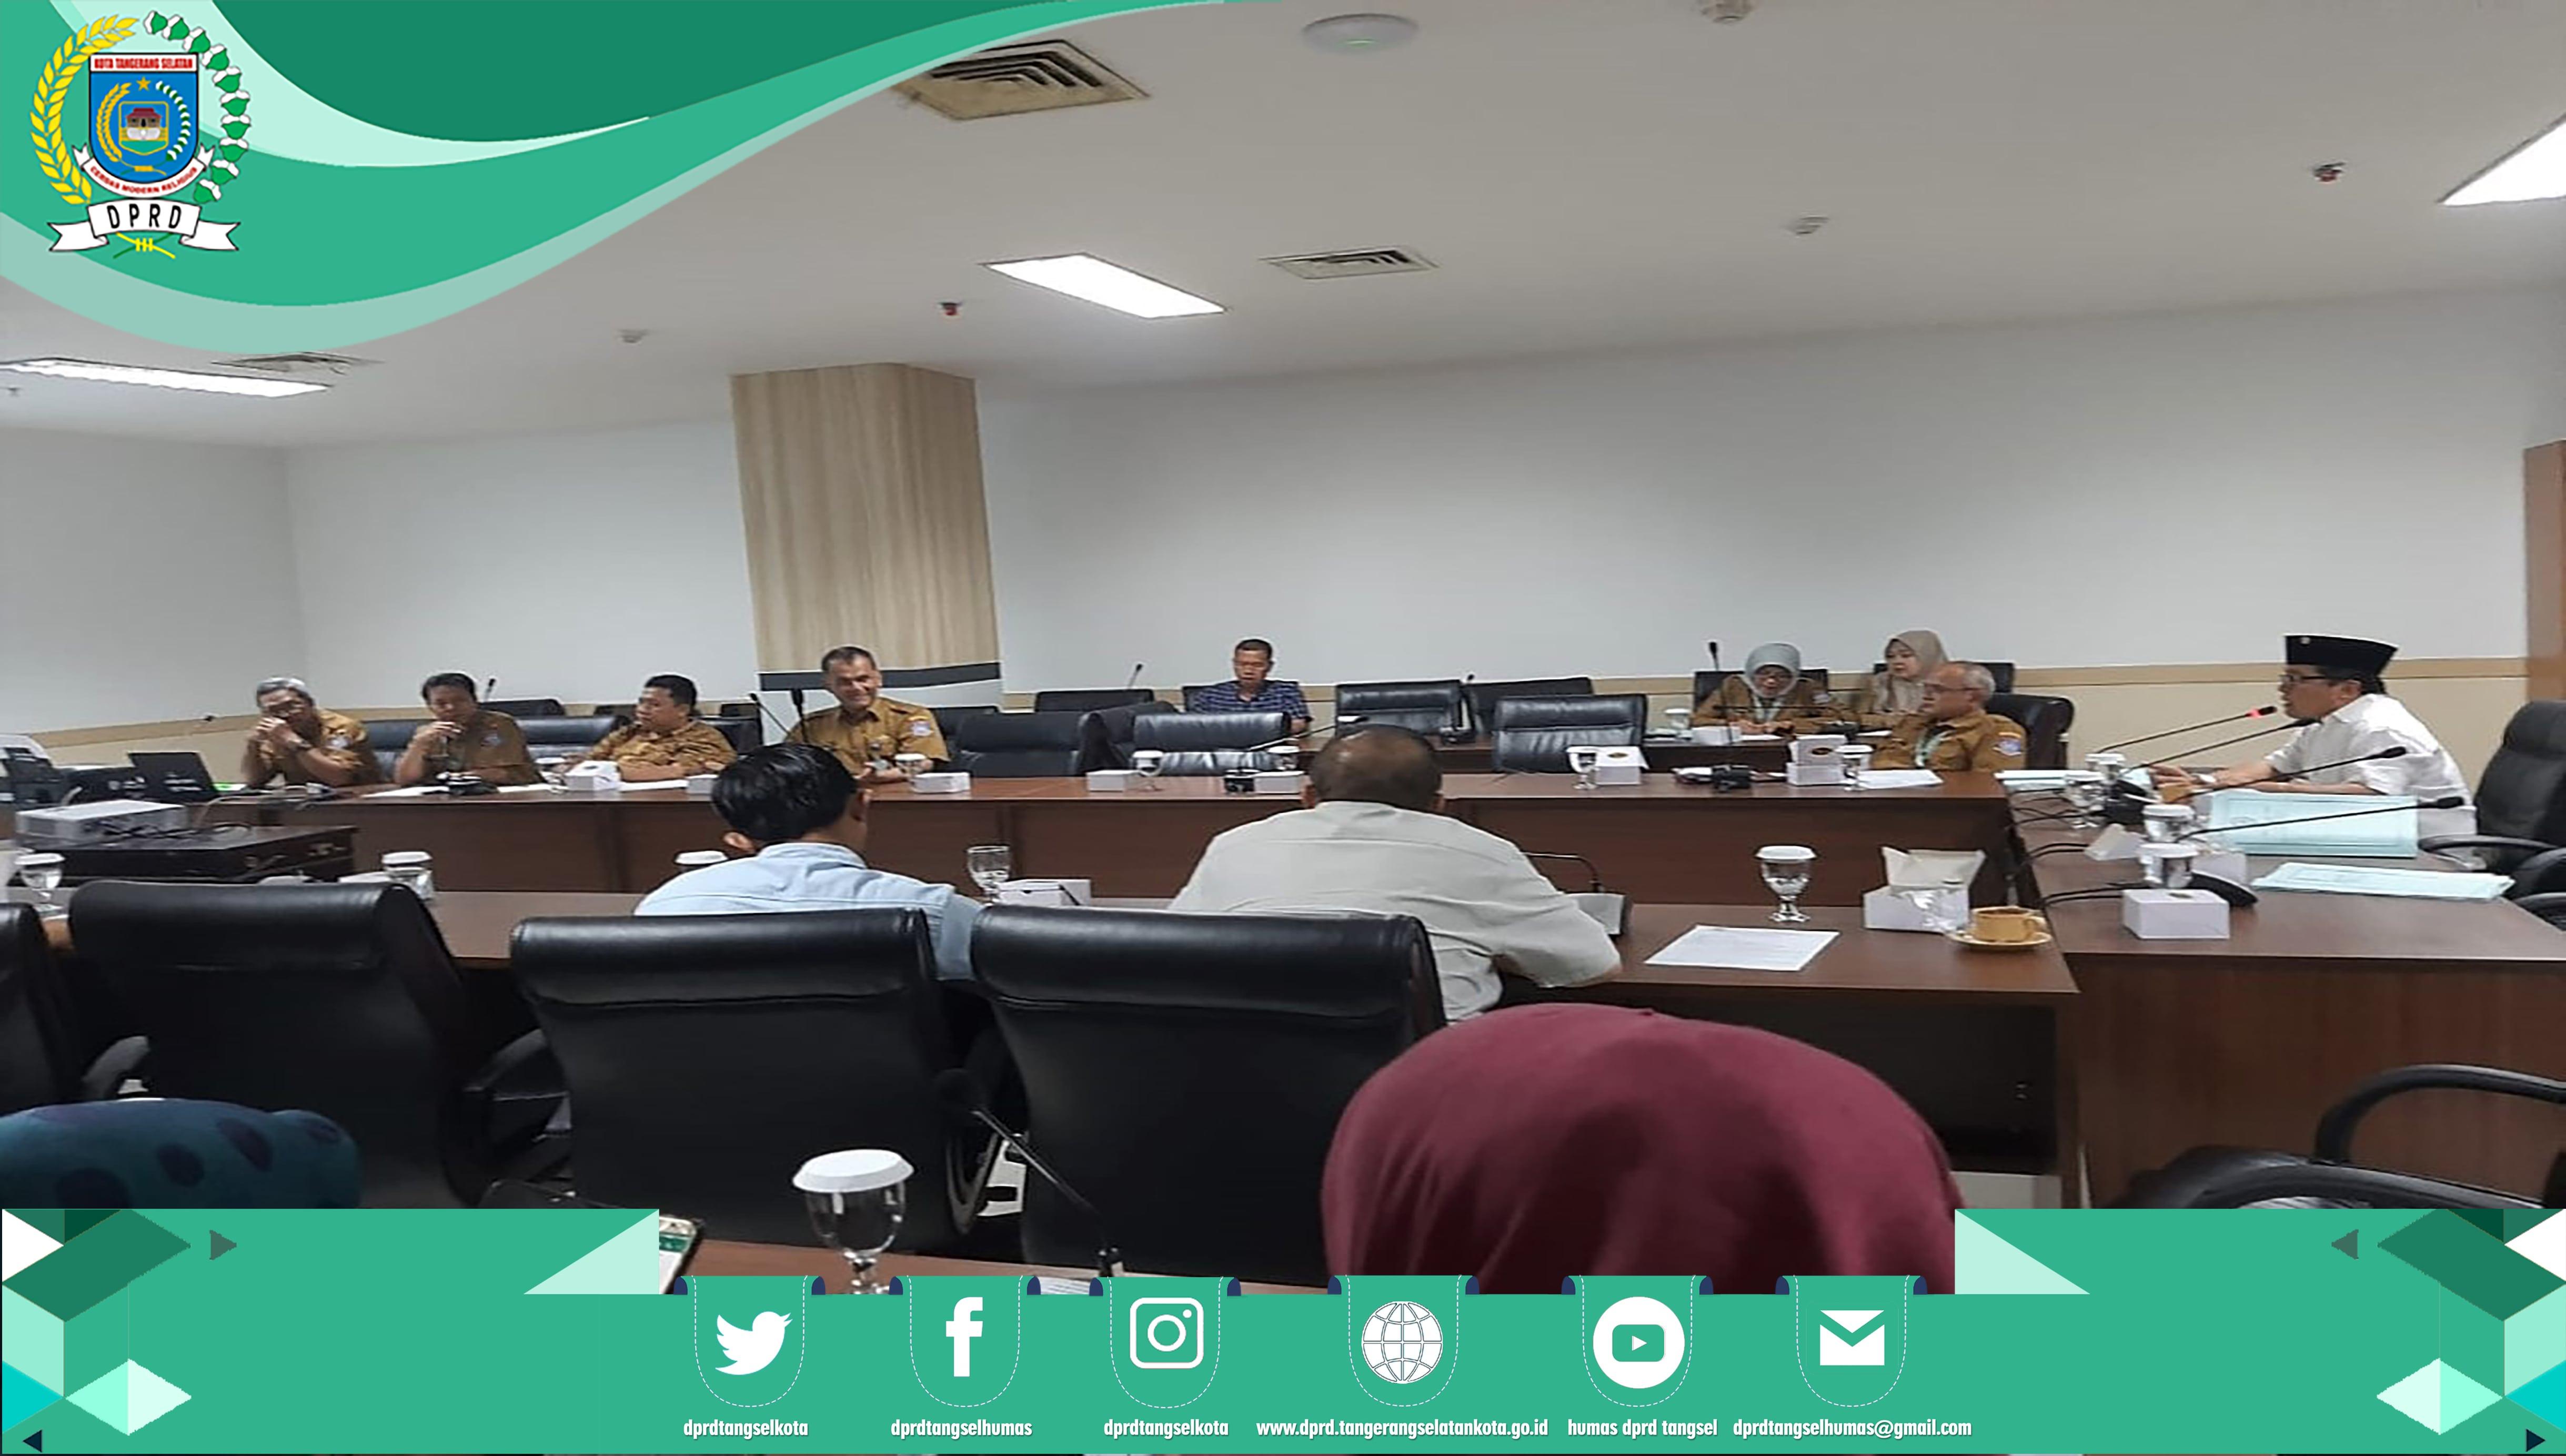 DPRD laksanakan Rapat Badan Musyawarah